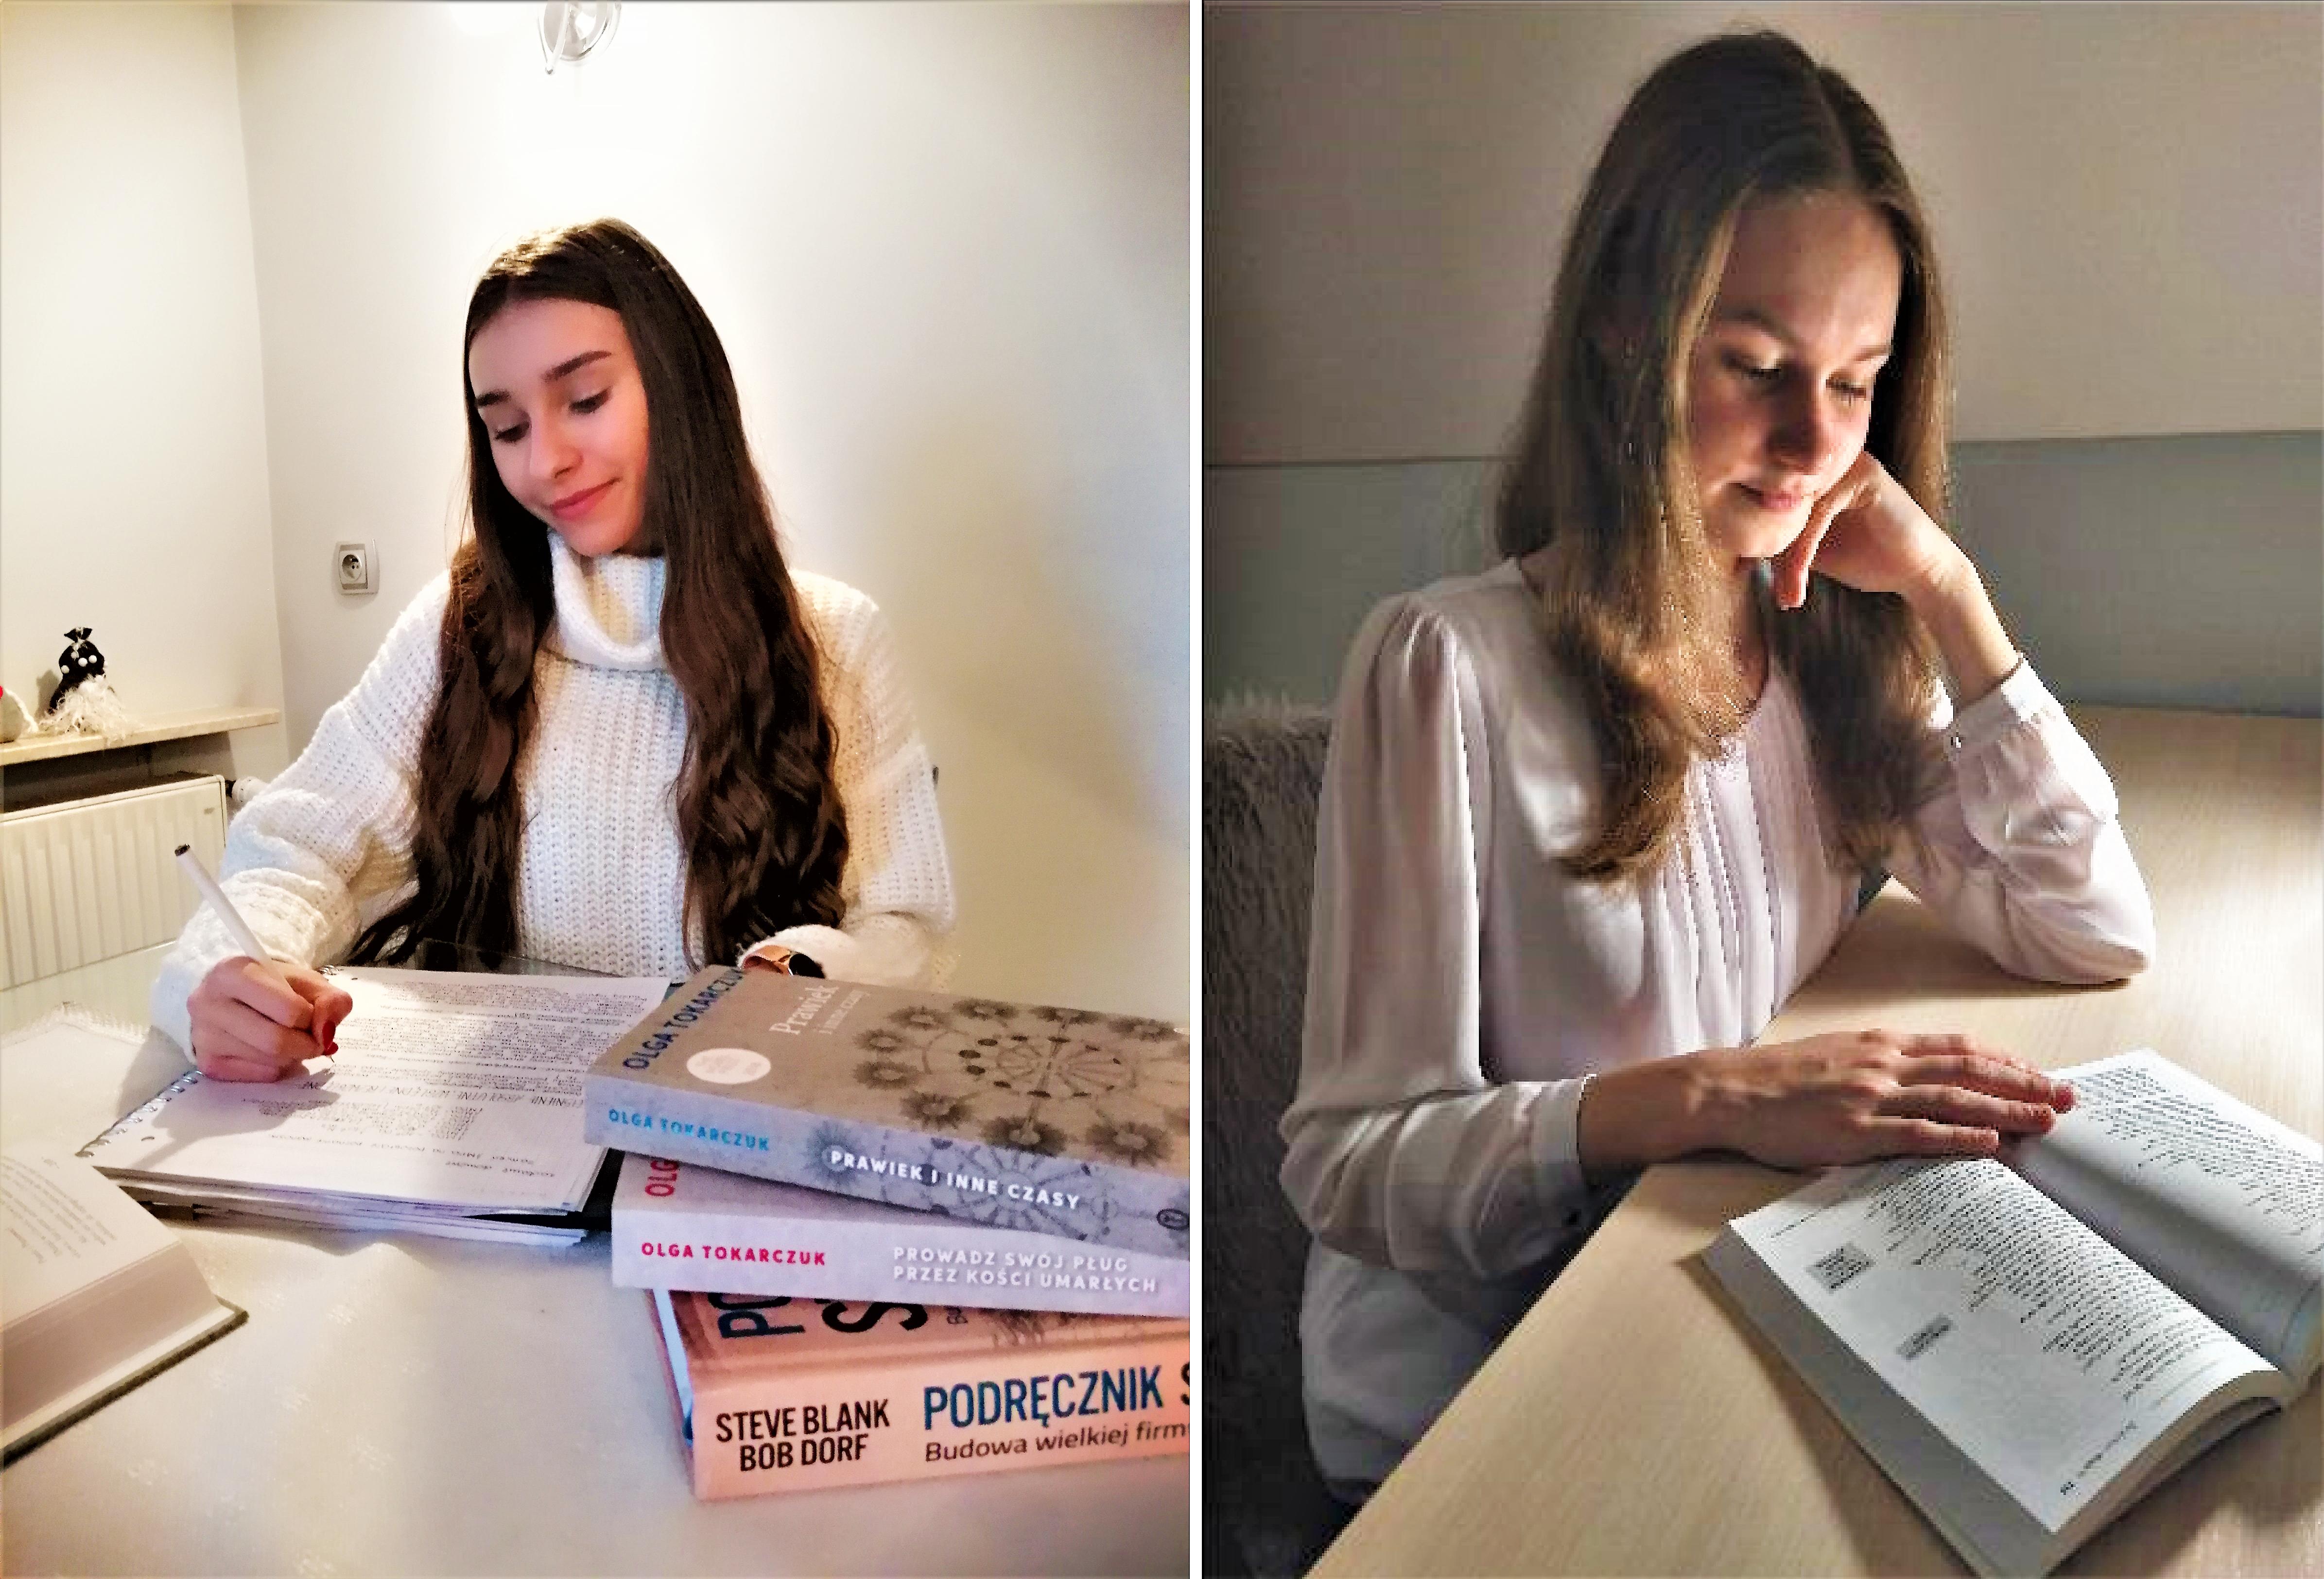 Dziewczyny rozwijają się literacko - wygrywają konkursy